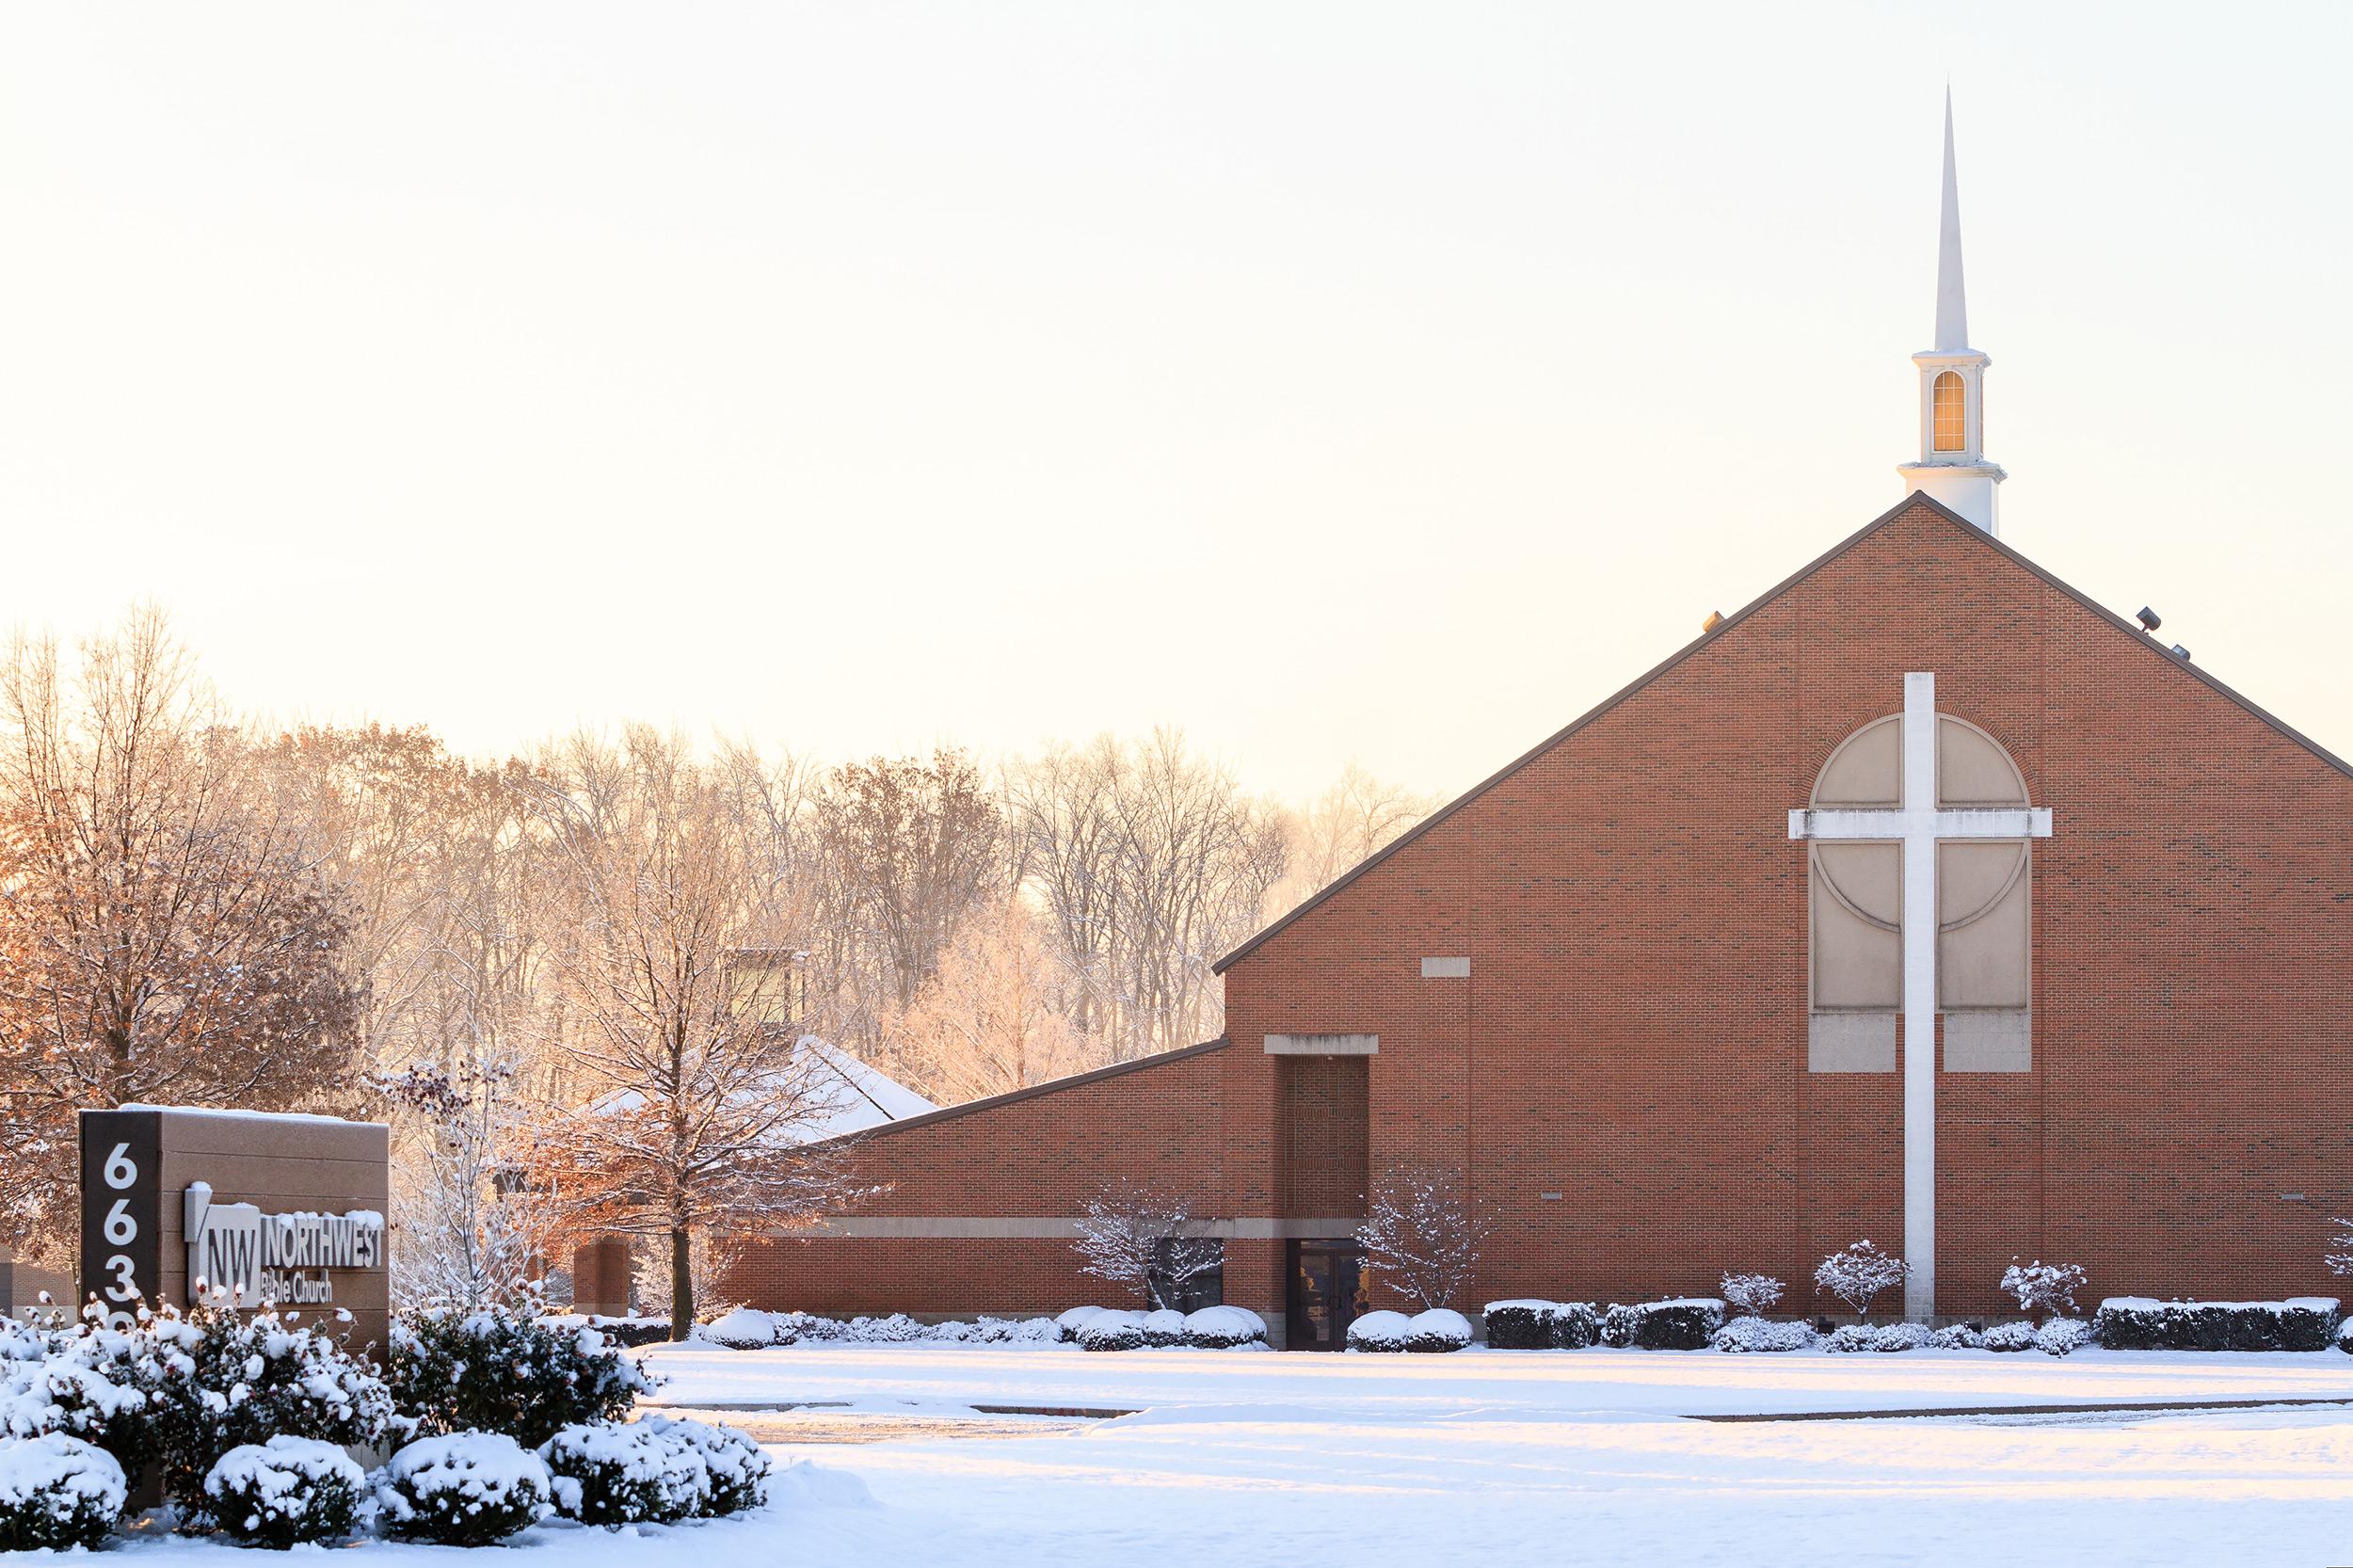 20161214-snow-church-0011-Edit-Edit-Edit.jpg